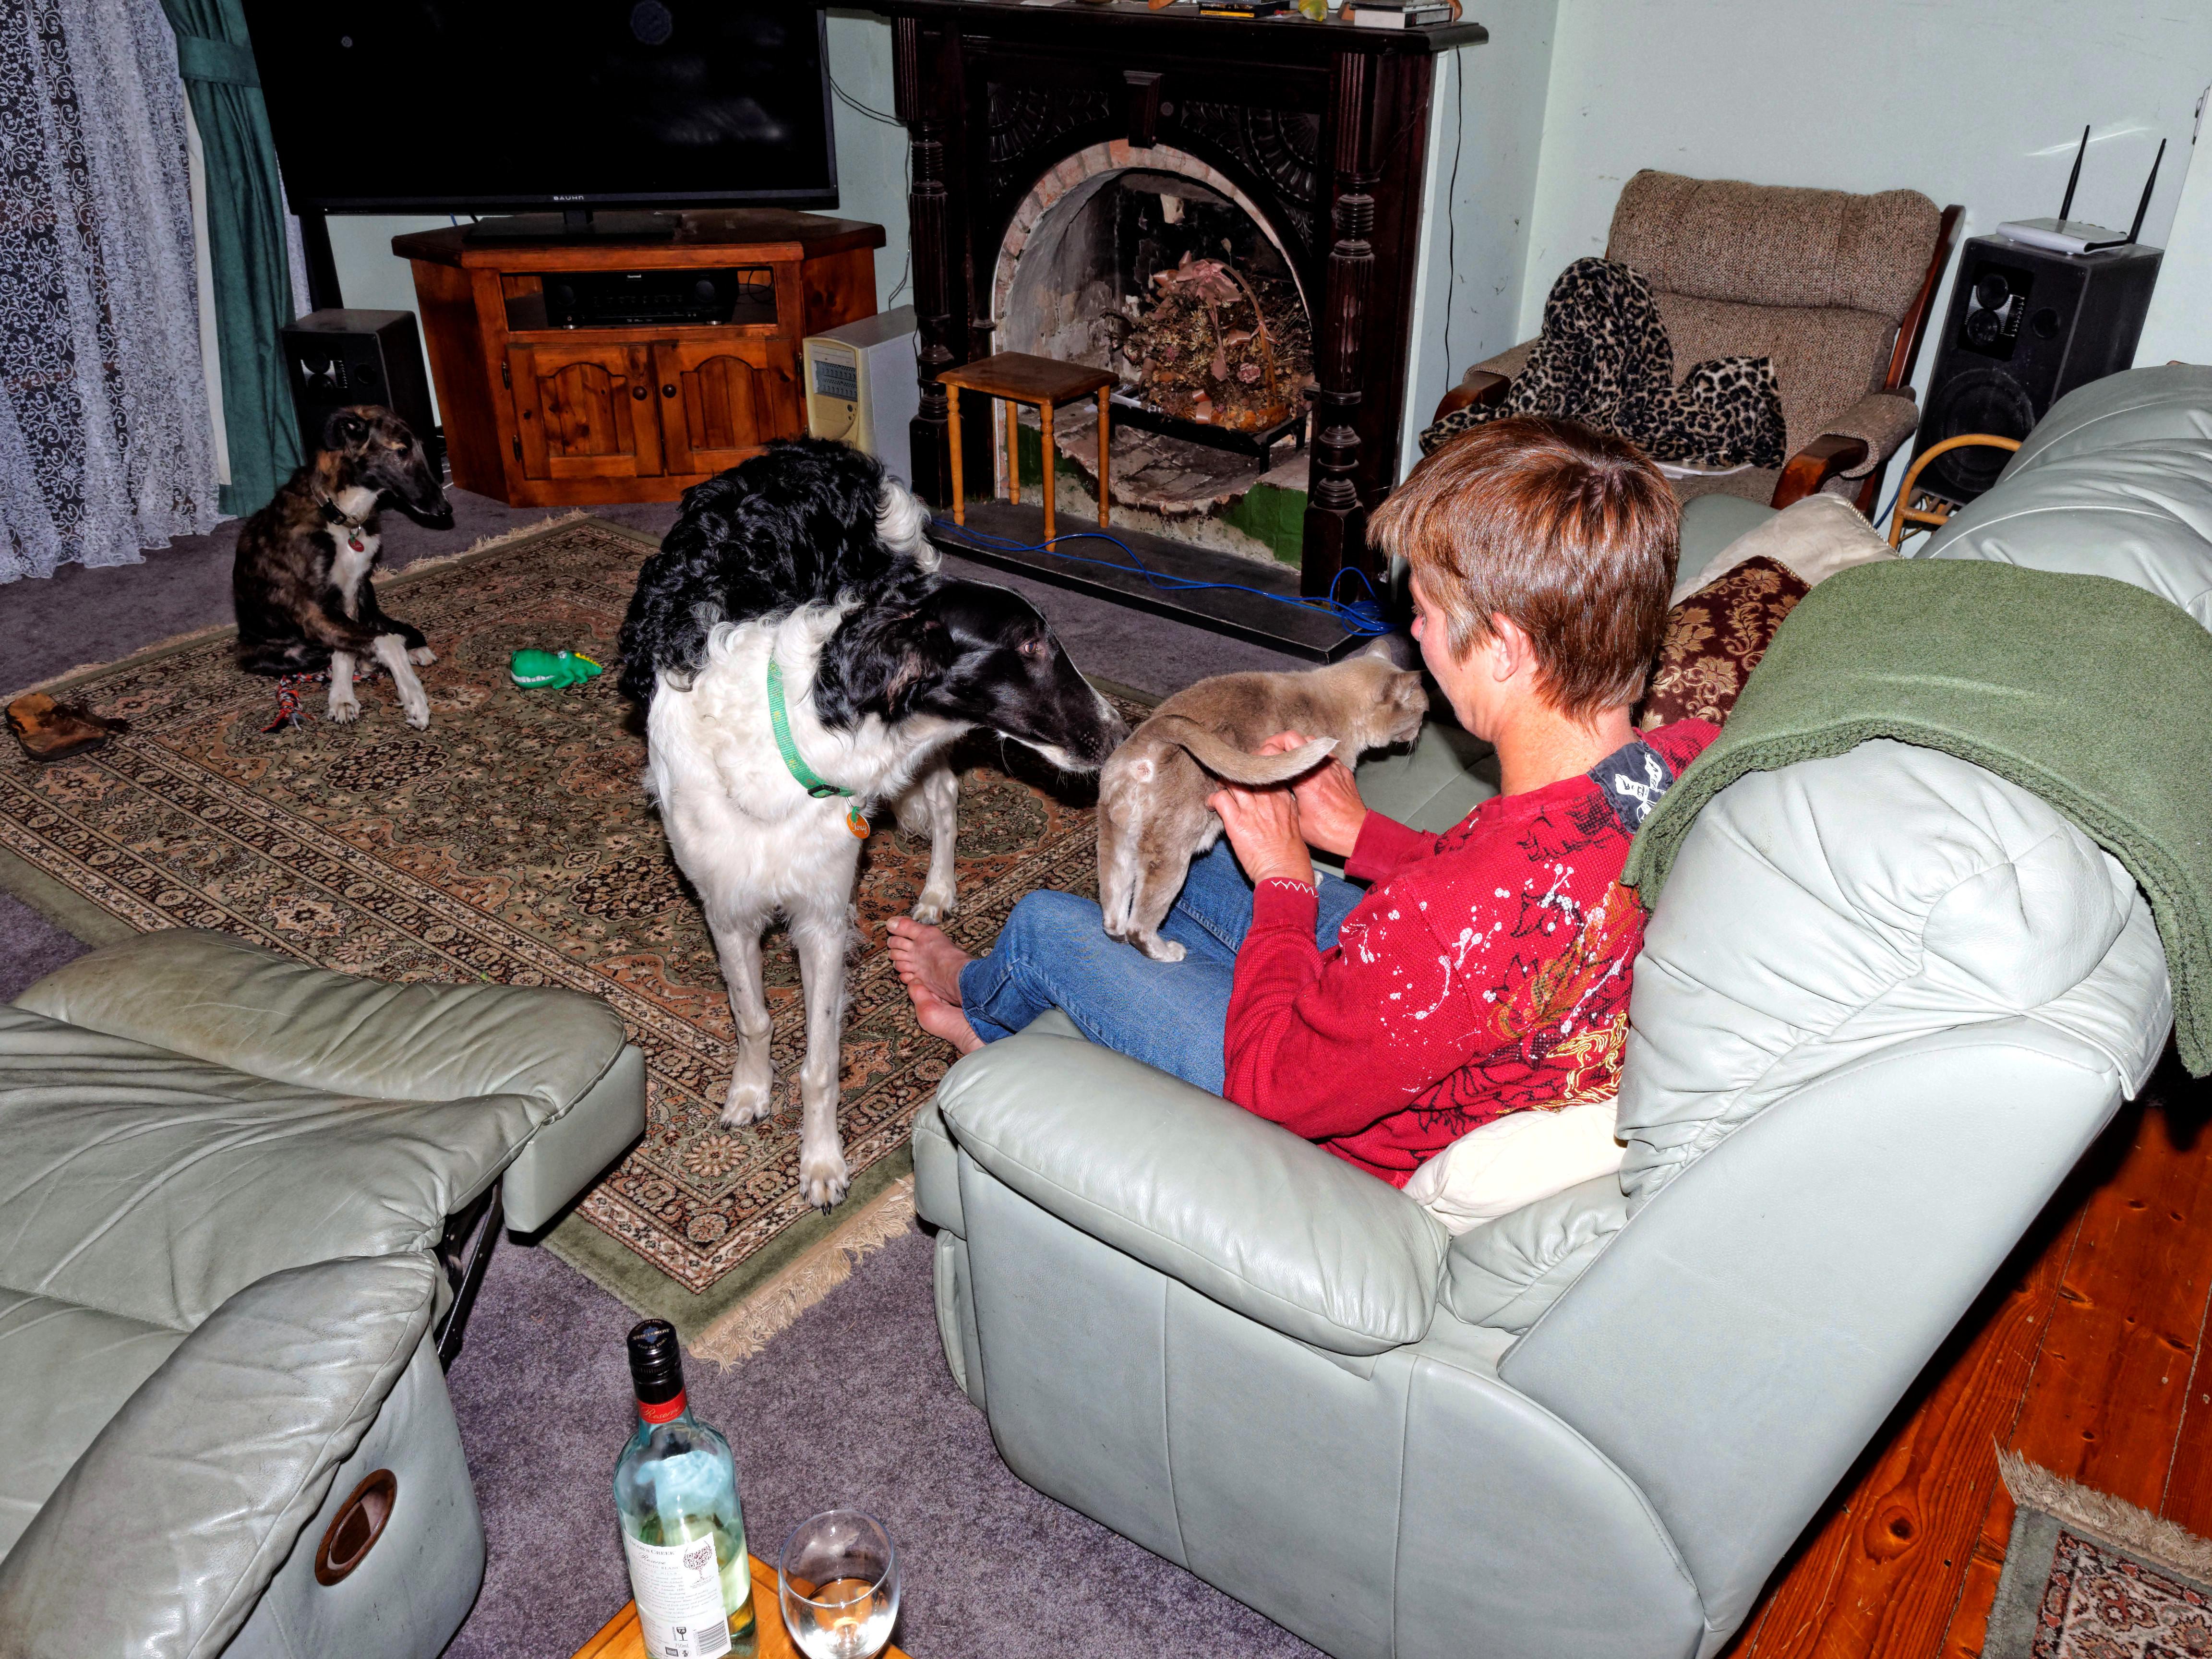 Chris-and-dogs-24.jpeg